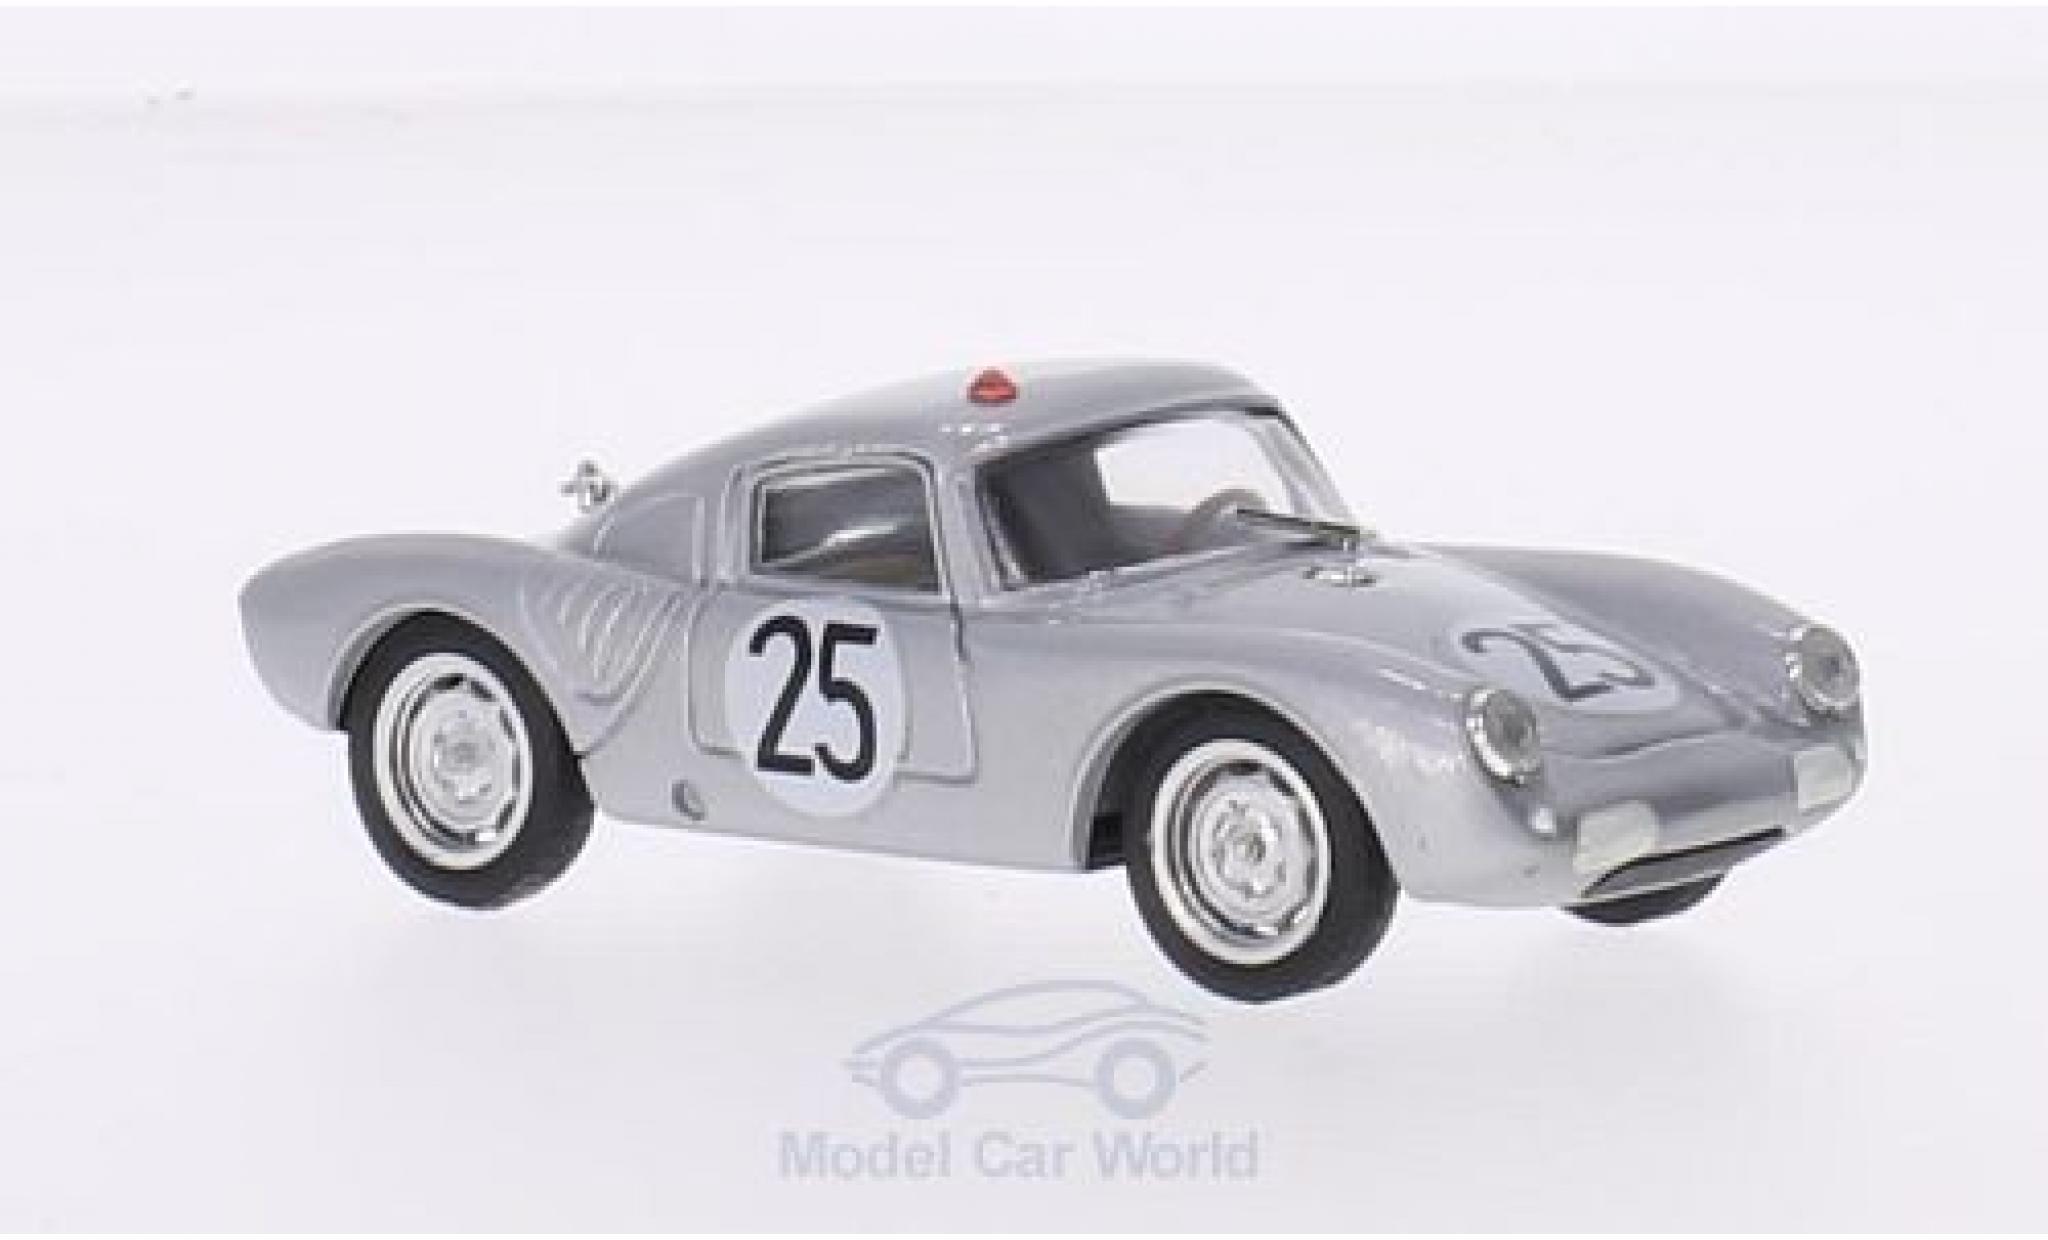 Porsche 550 1/43 Brumm A RS Coupe No.34 24h Le Mans 1956 W. von Trips/R.von Frankenberg